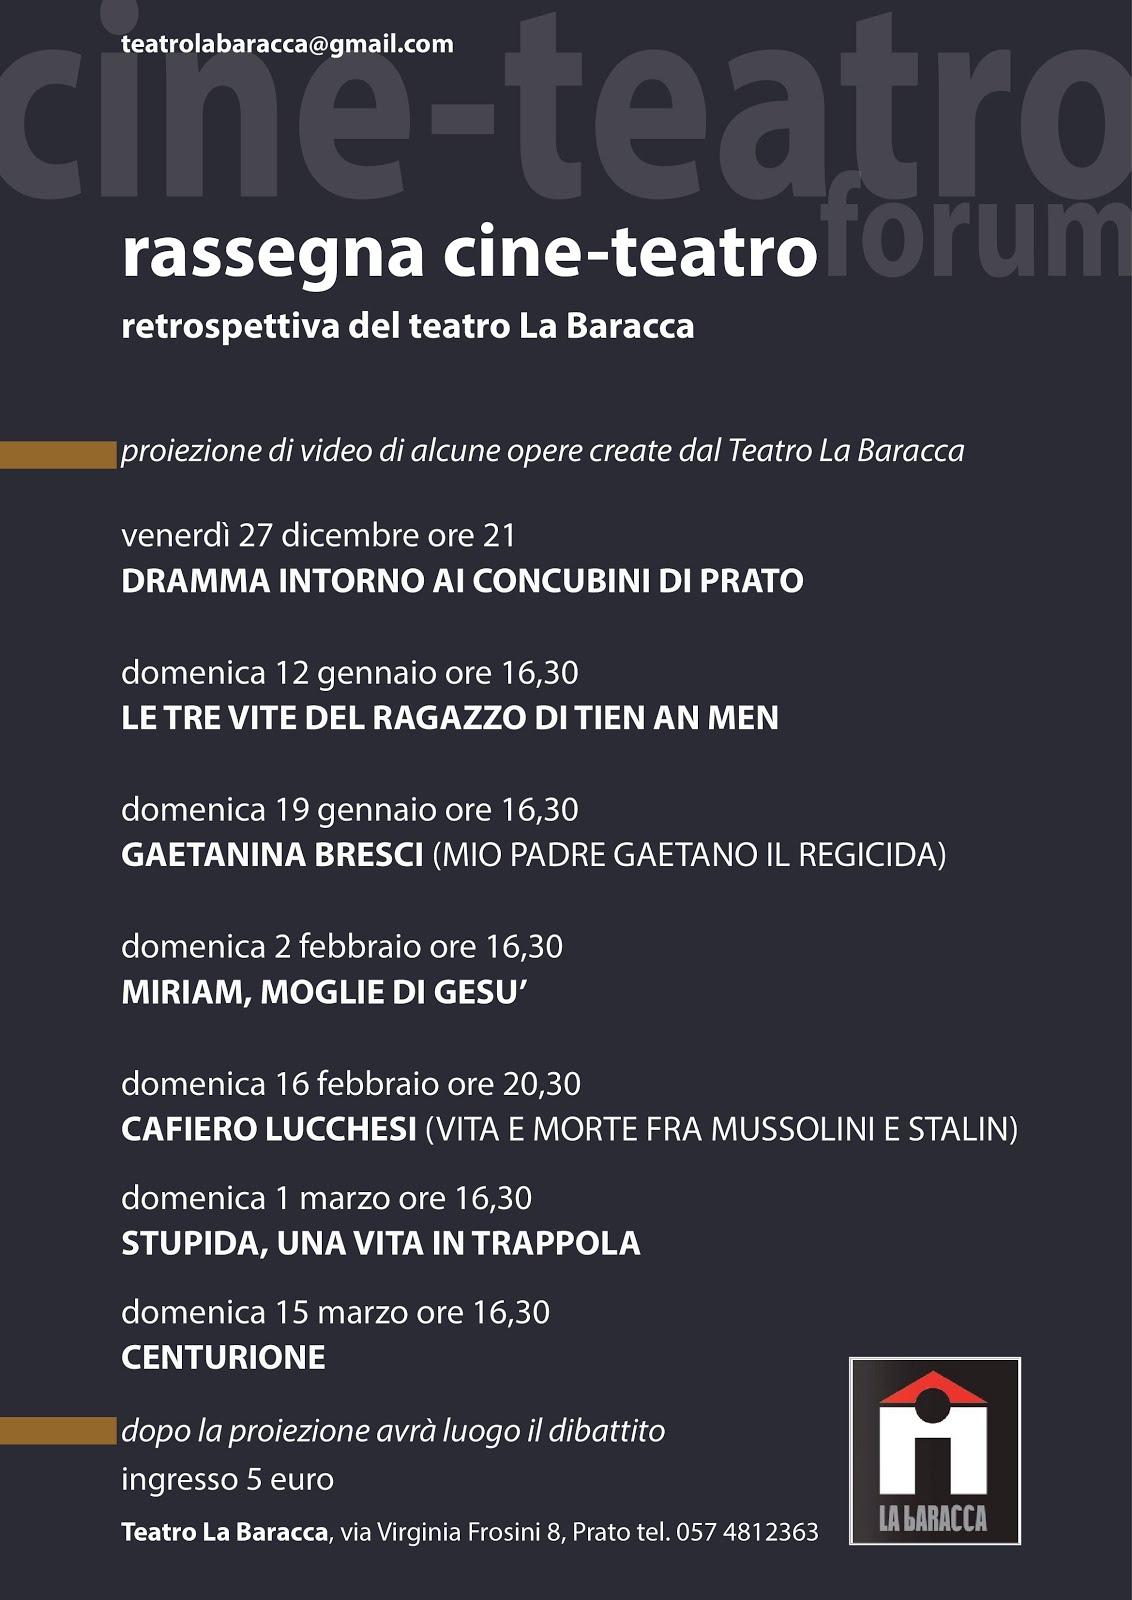 Restrospettiva Teatro La Baracca